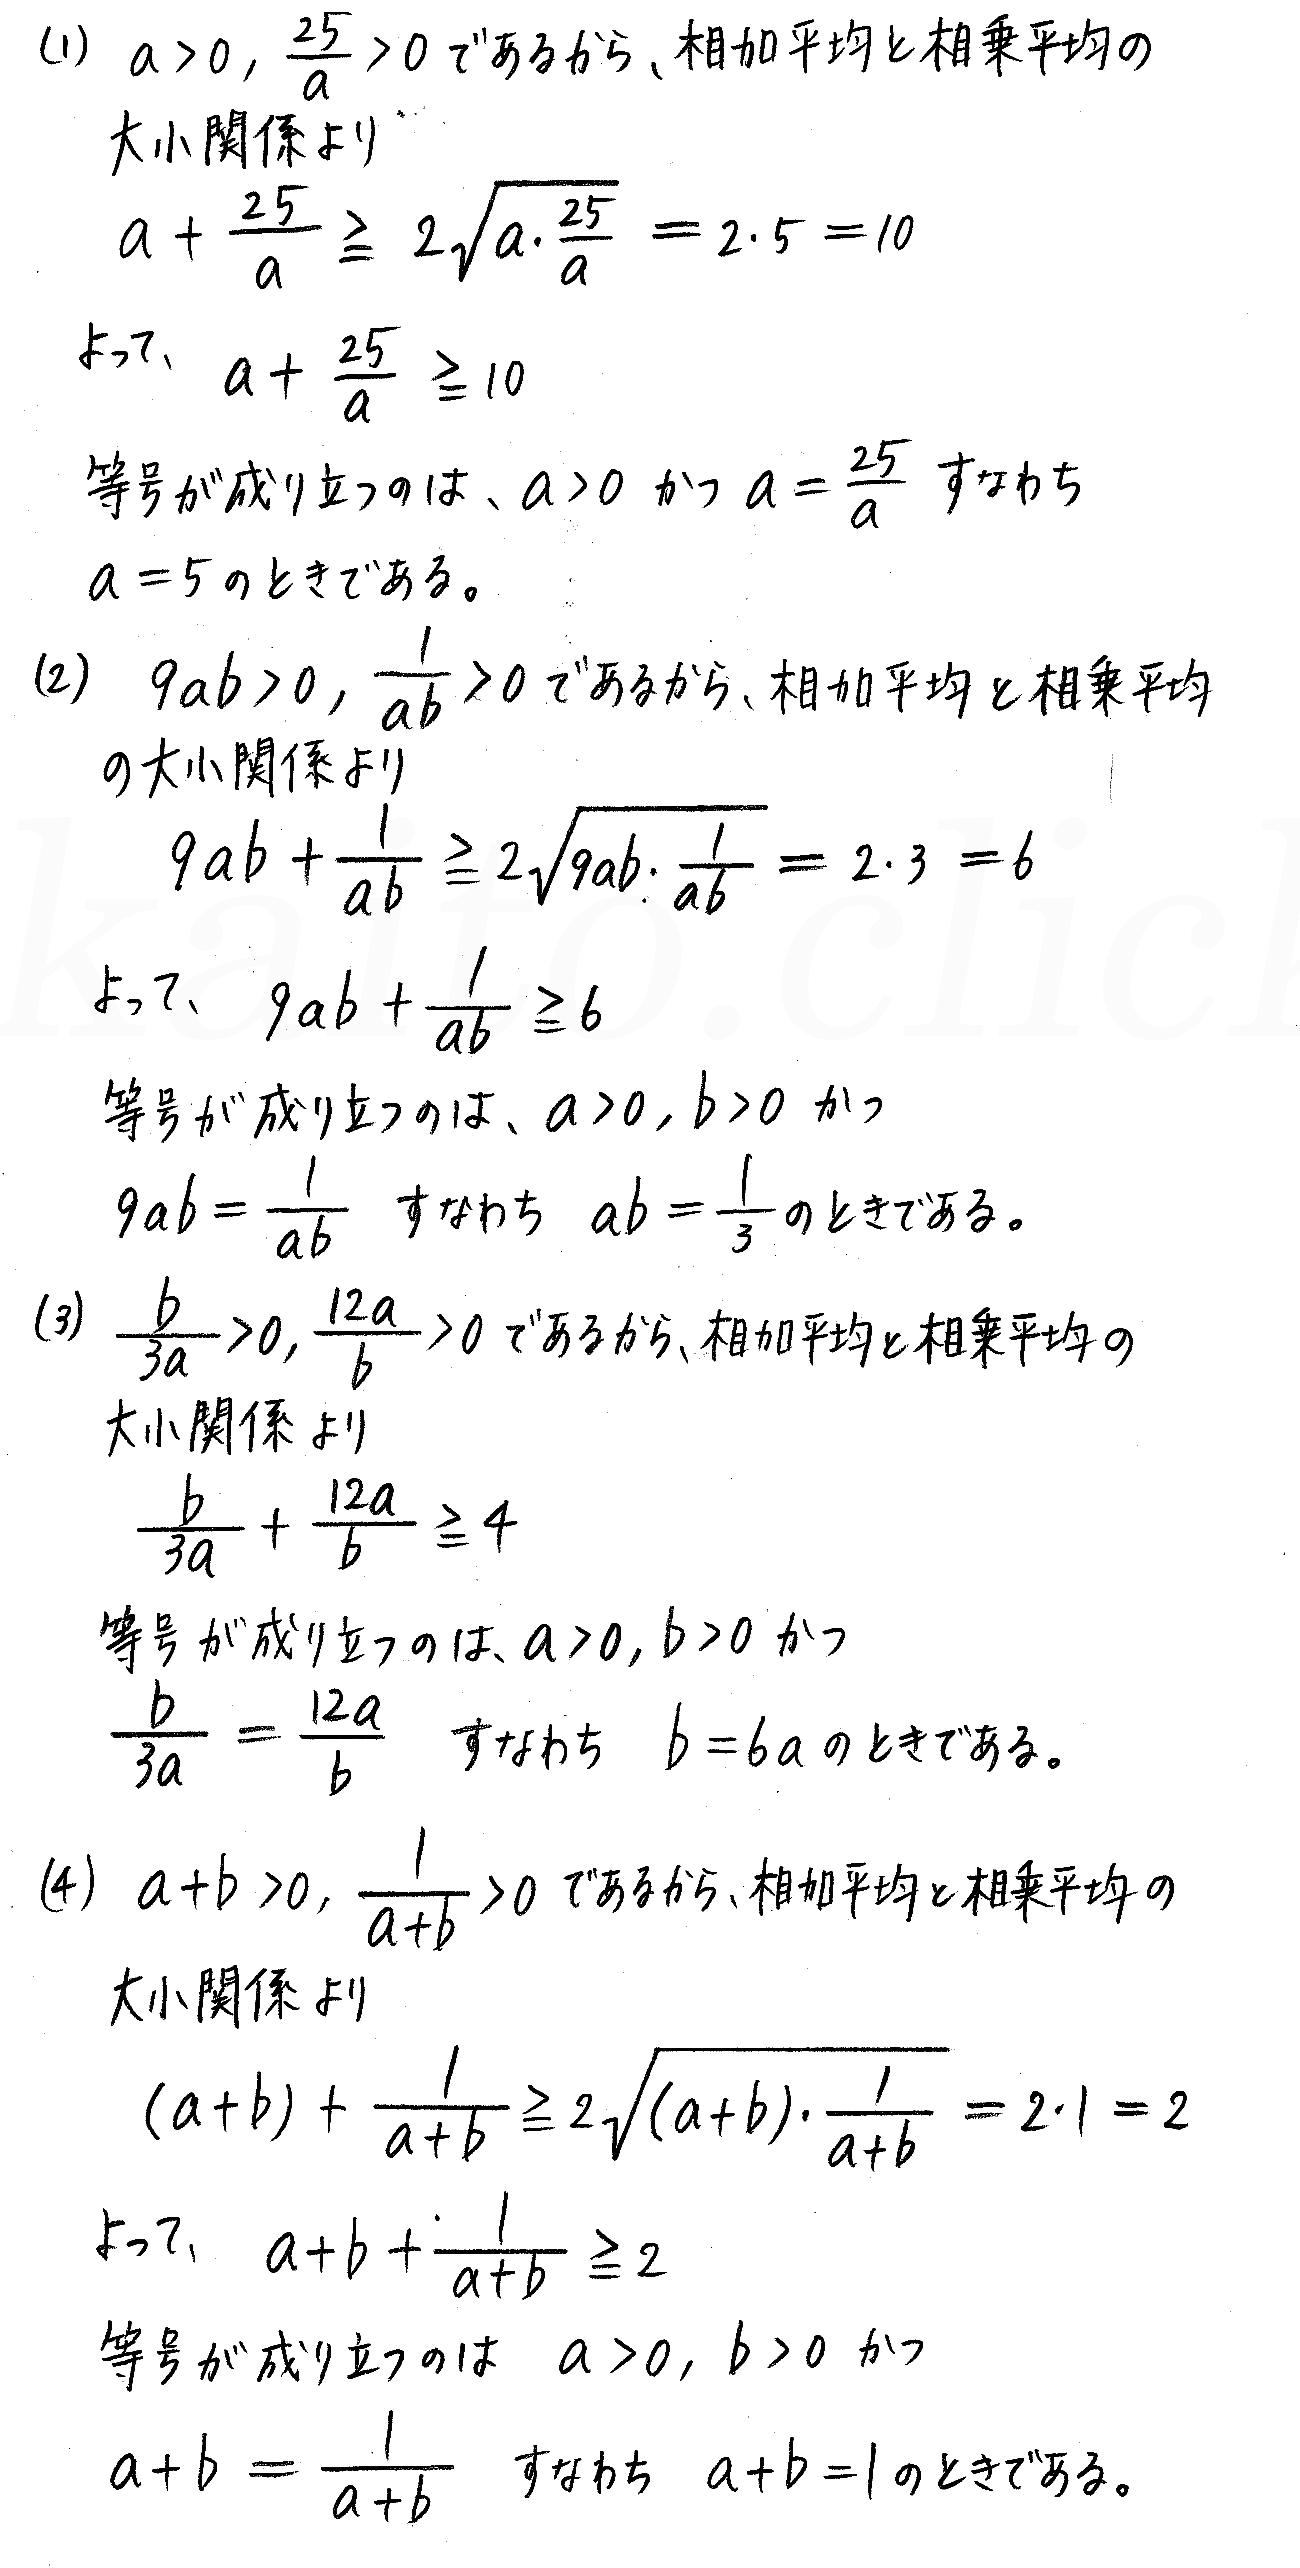 クリアー数学2-58解答